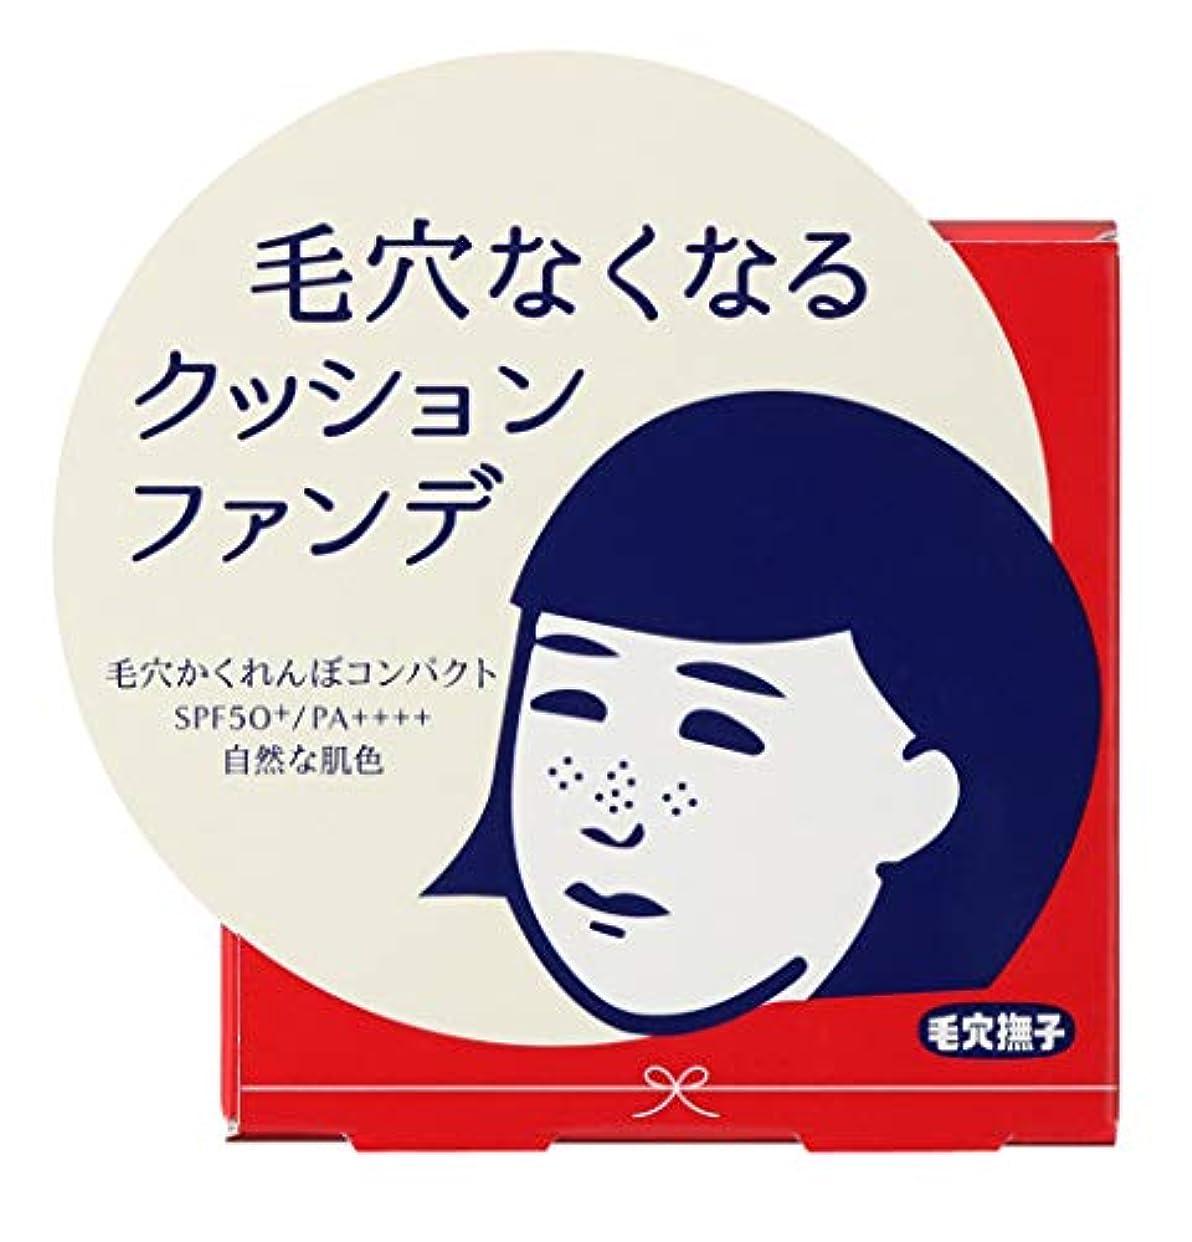 年金受給者小包セージ毛穴撫子 毛穴かくれんぼコンパクト(自然な肌色)